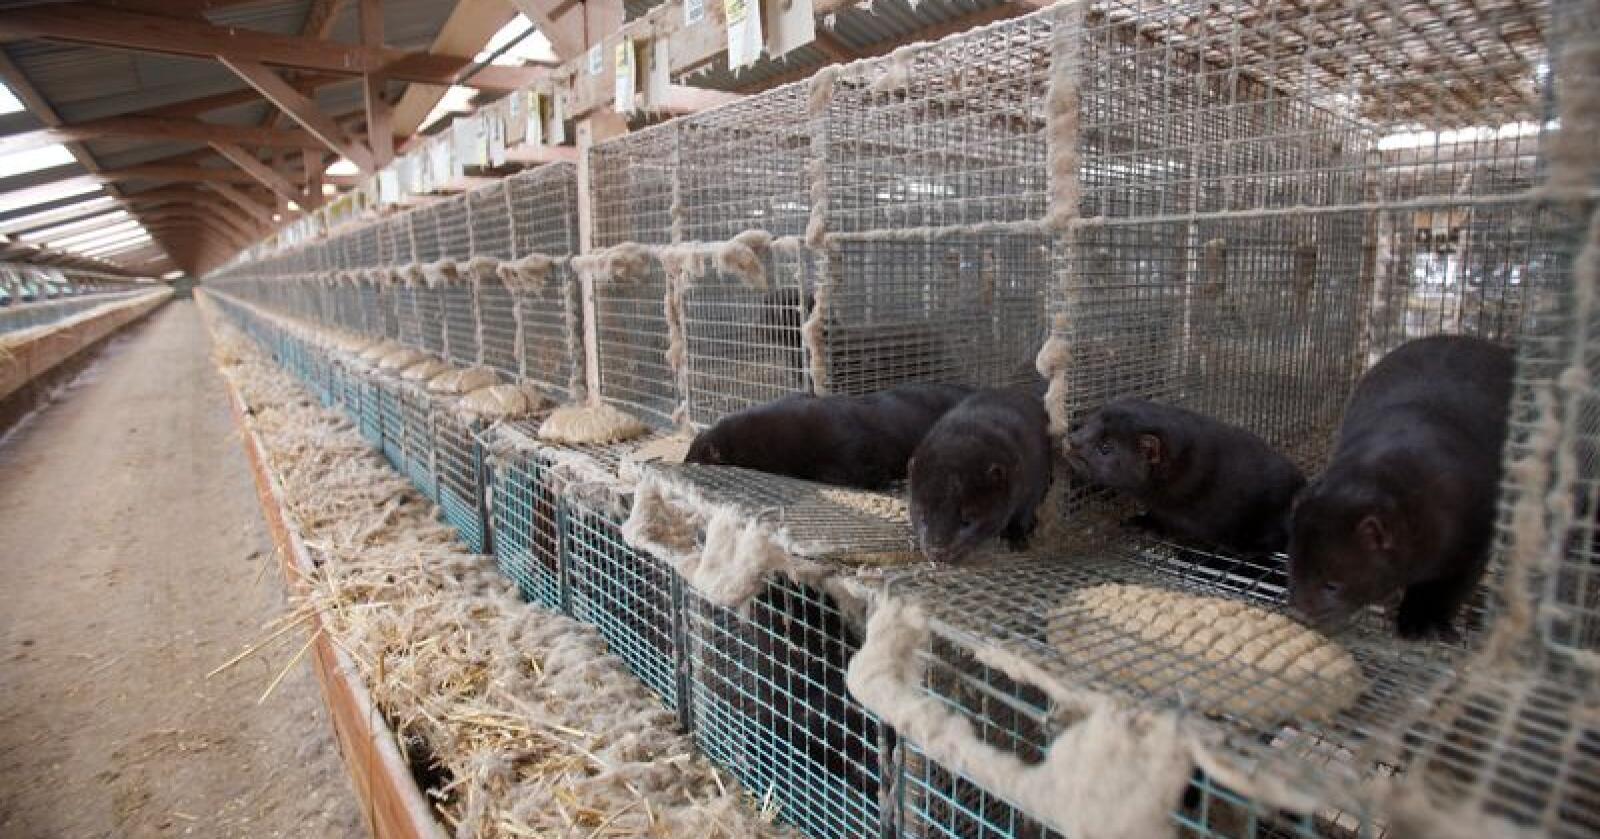 For tredje året på rad har Norges Pelsdyralslag fjennomført en stor intern kontroll av mink. Illustrasjonsfoto: Alf Ove Hansen / Scanpix